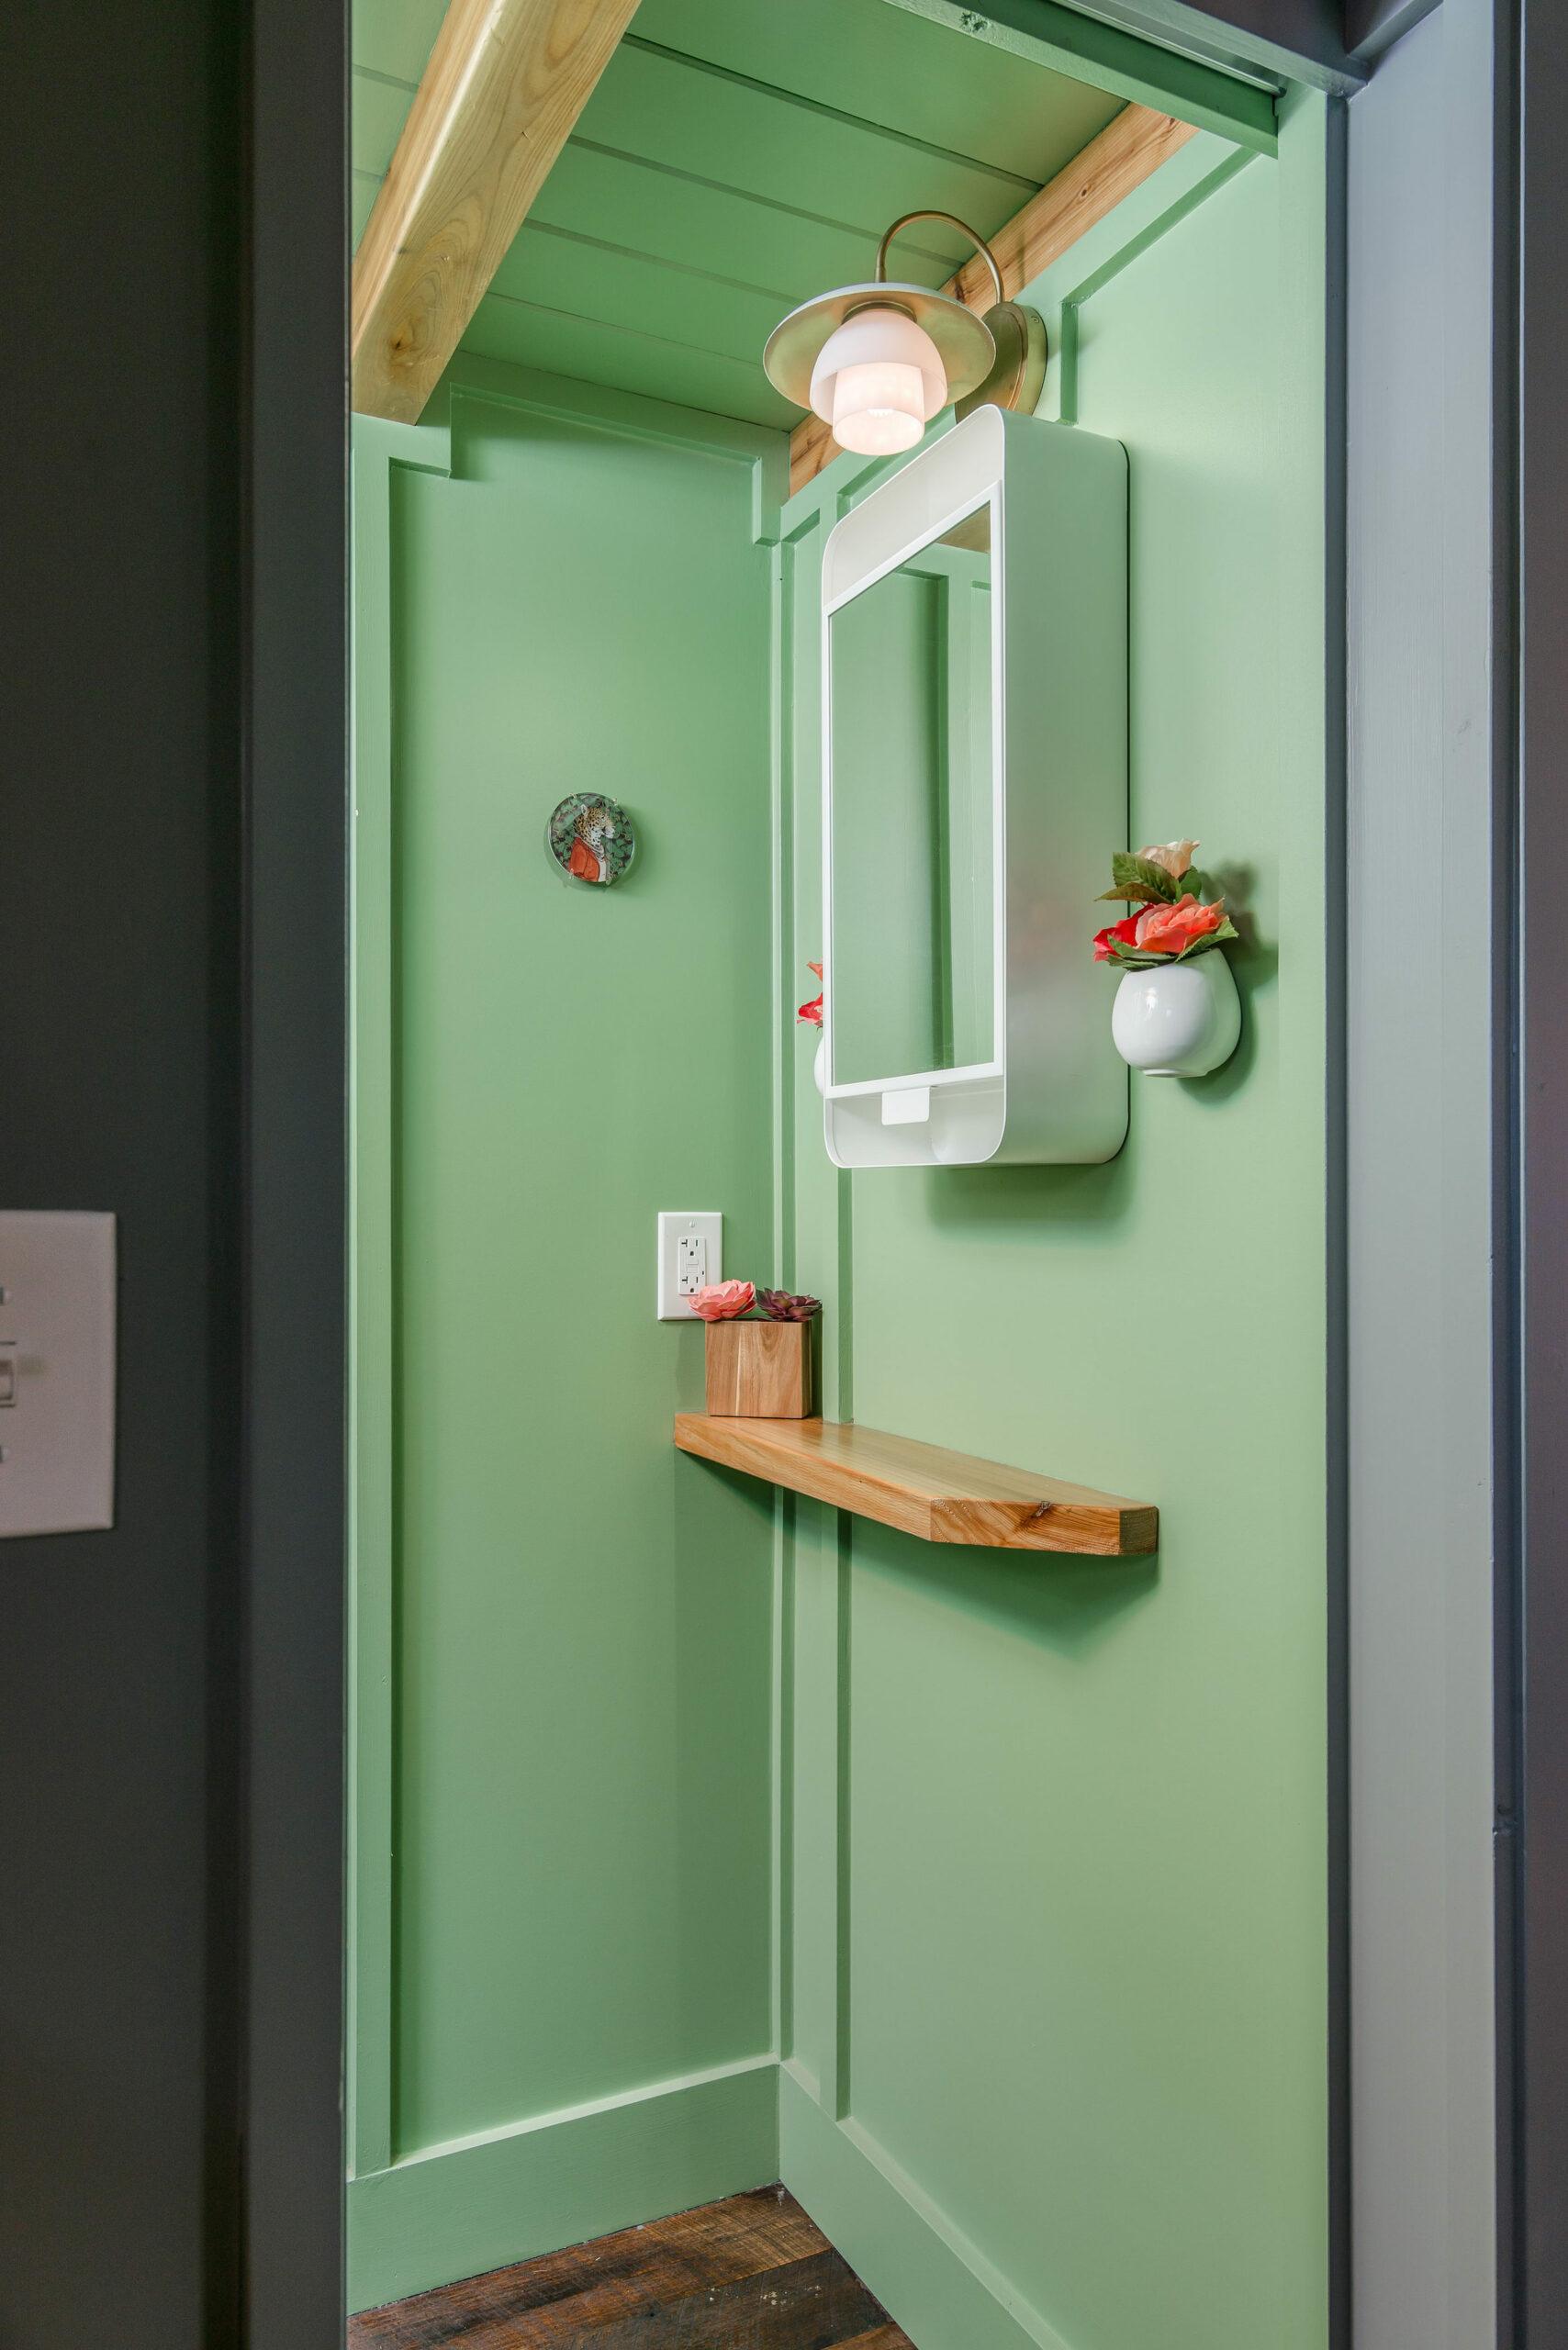 Bathroom Mirror - Cornelia by New Frontier Design